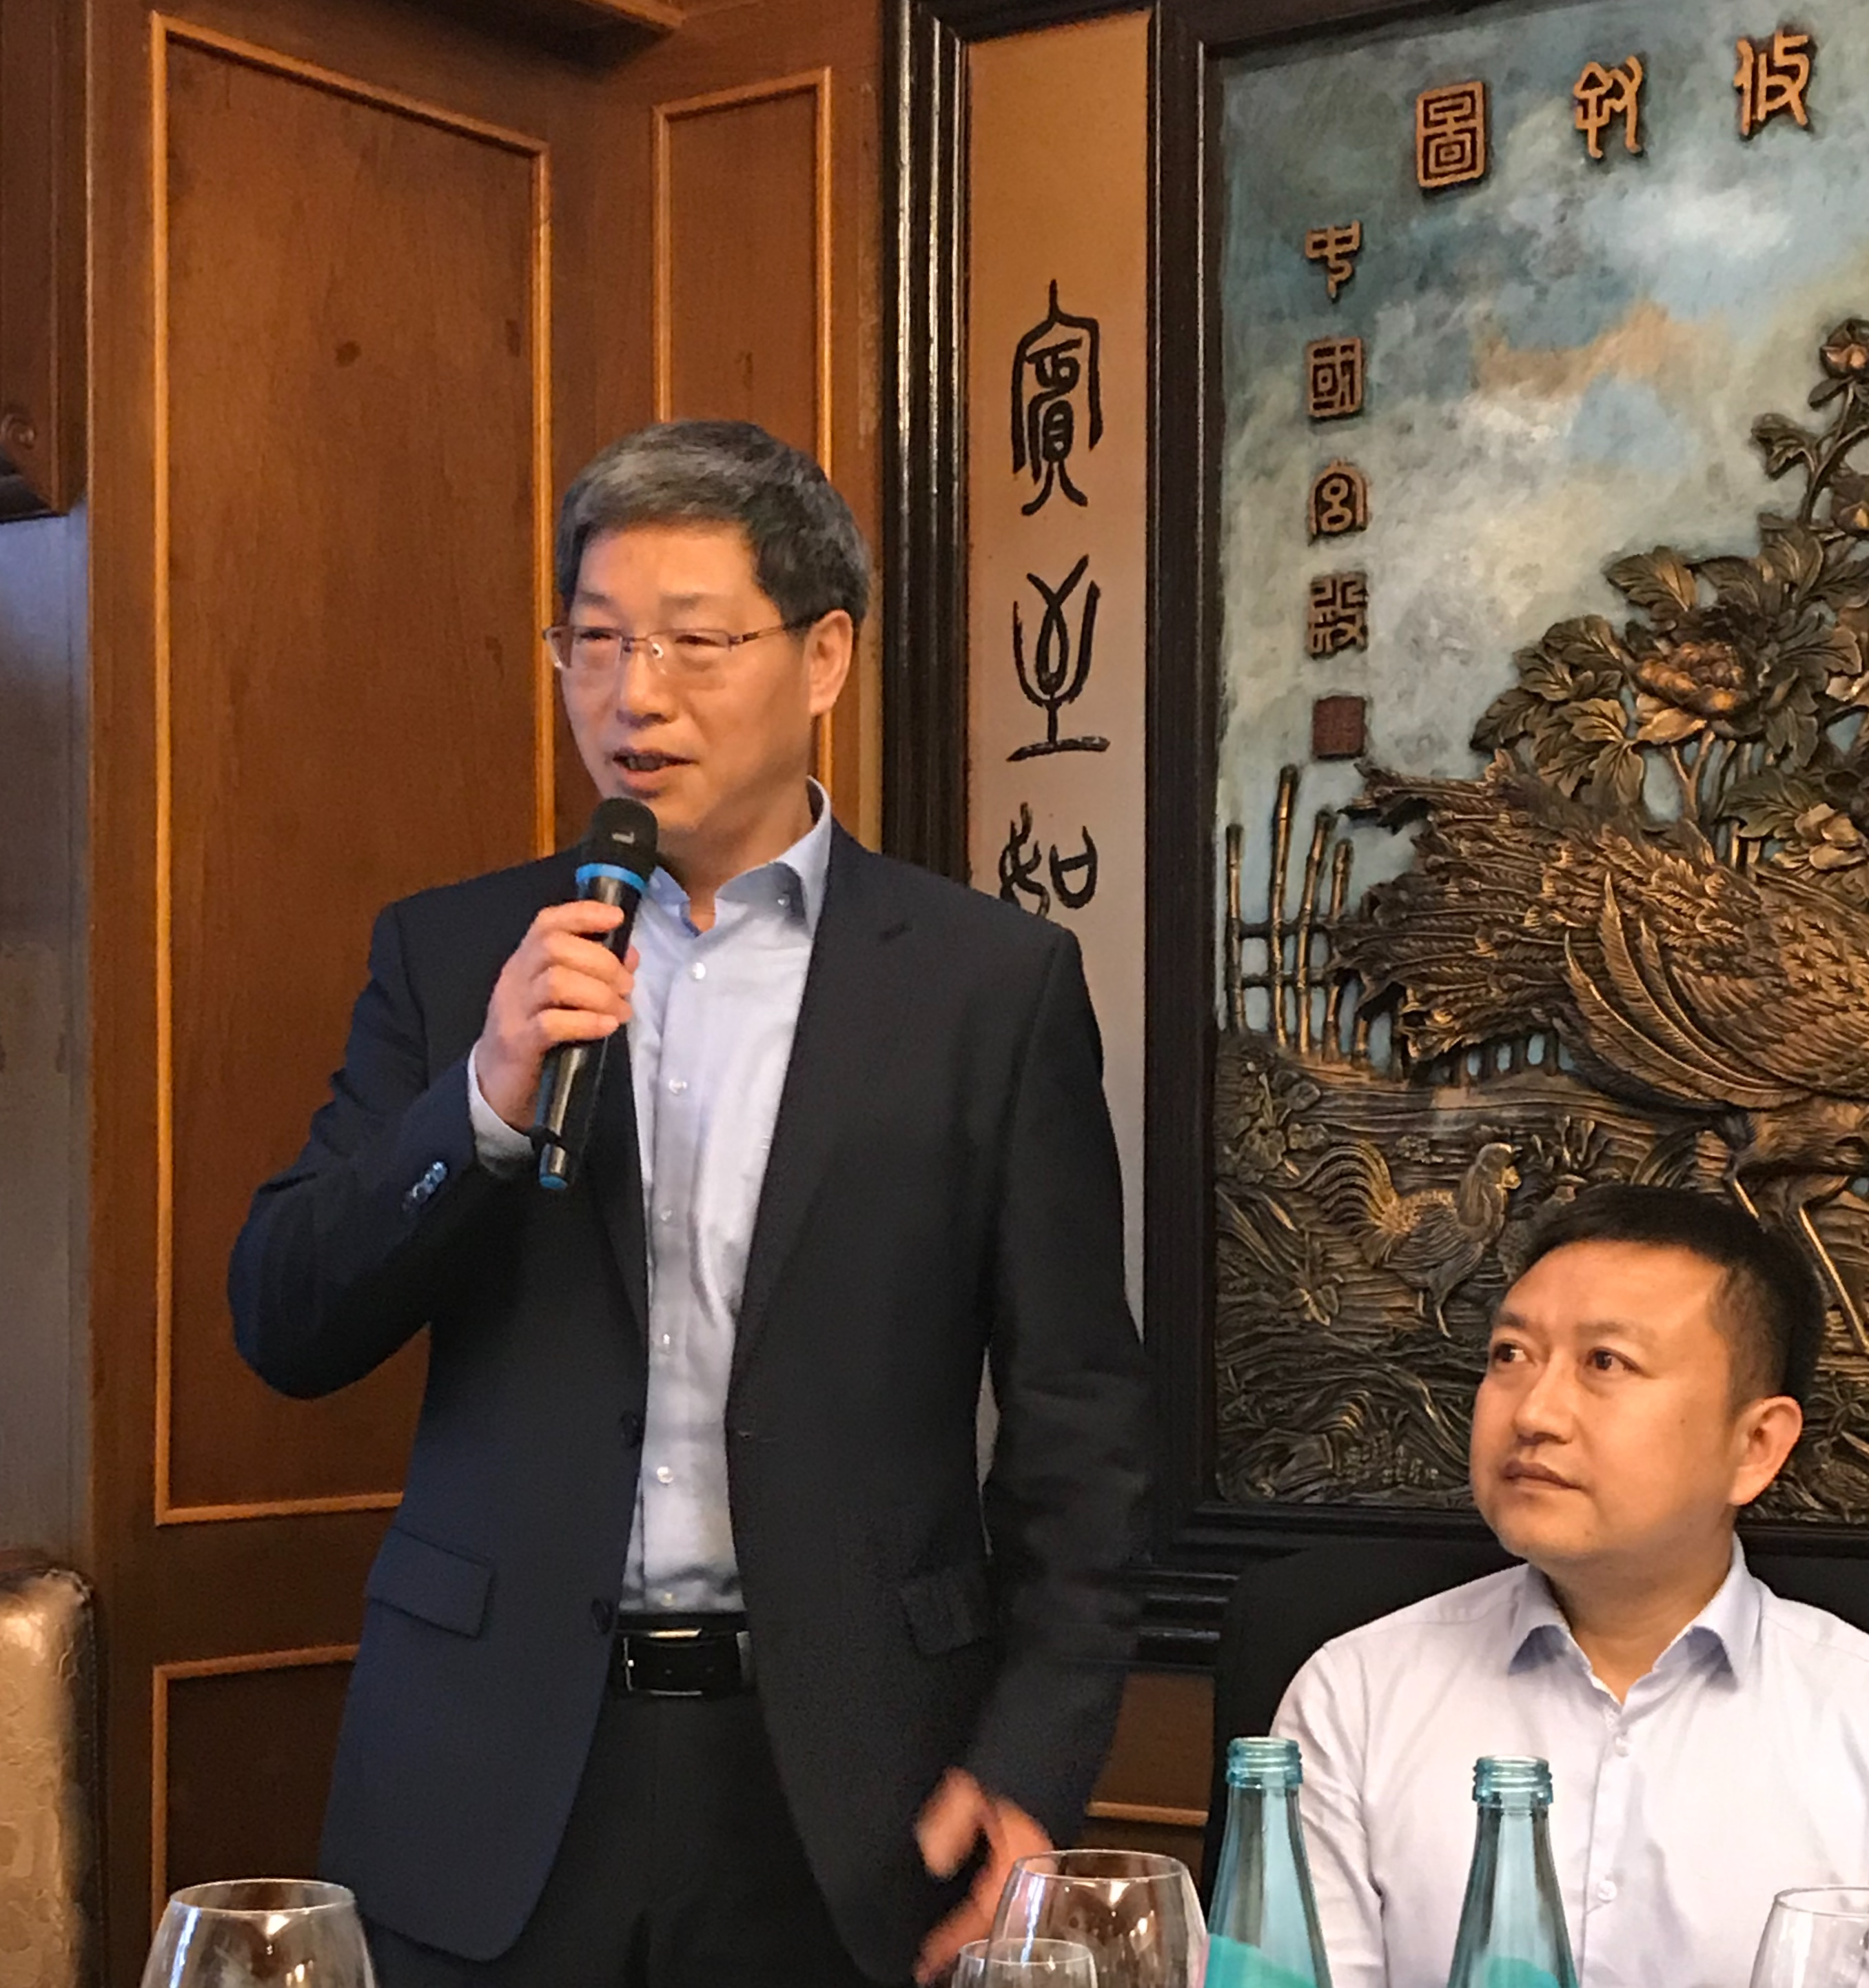 Konsul HE Jianwei vom Frankfurter Generalkonsulat überbringt die Grüße von GK SUN